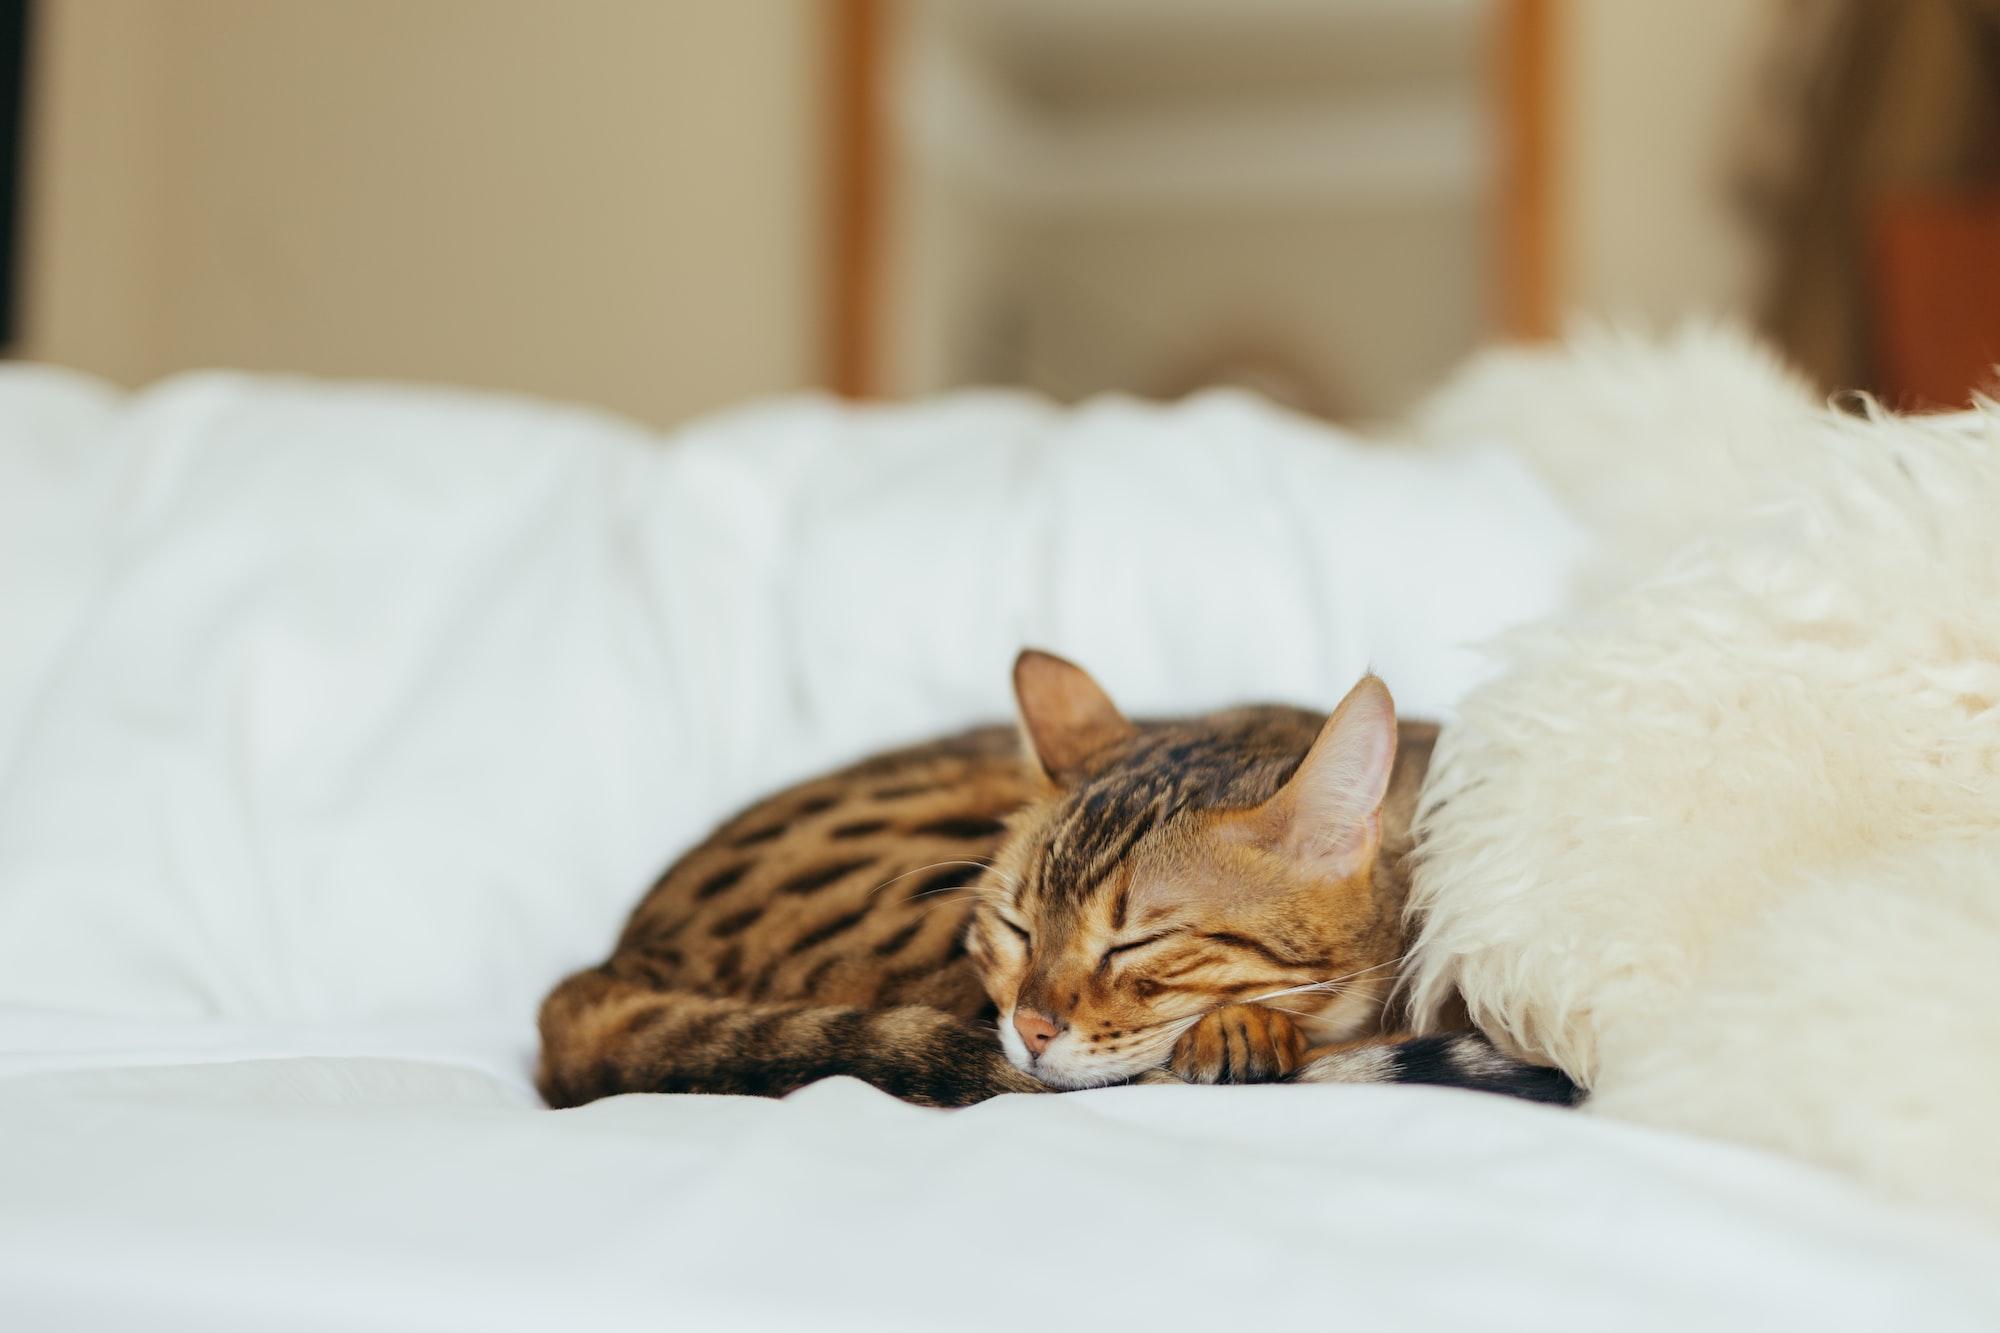 Ginger cat fast asleep